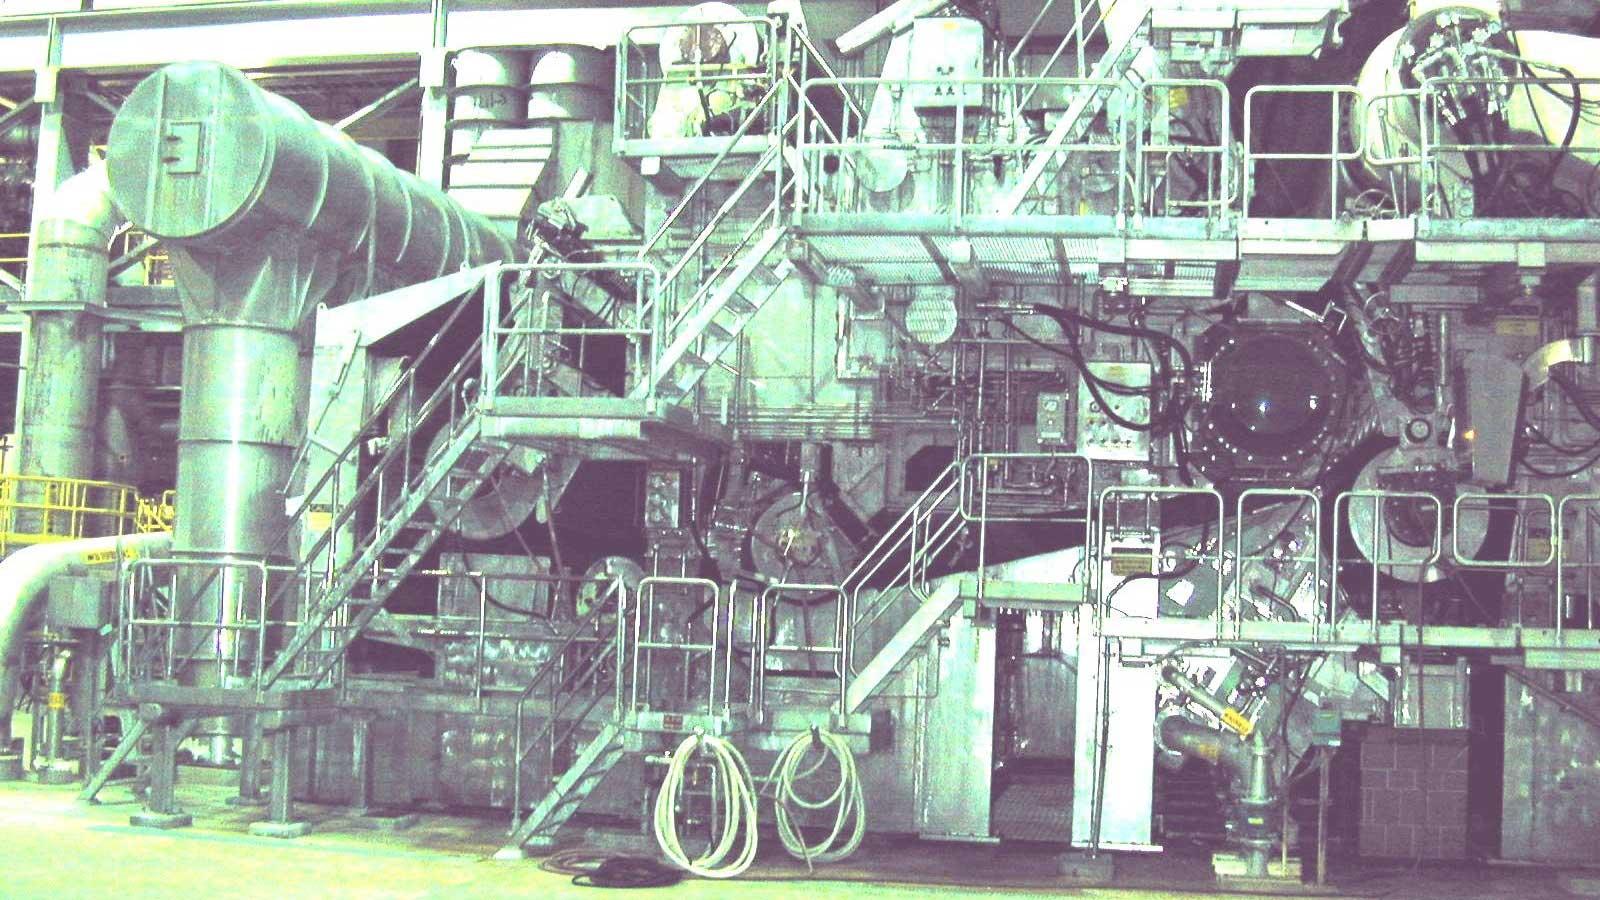 Lufkin No. 8 Paper Machine Former